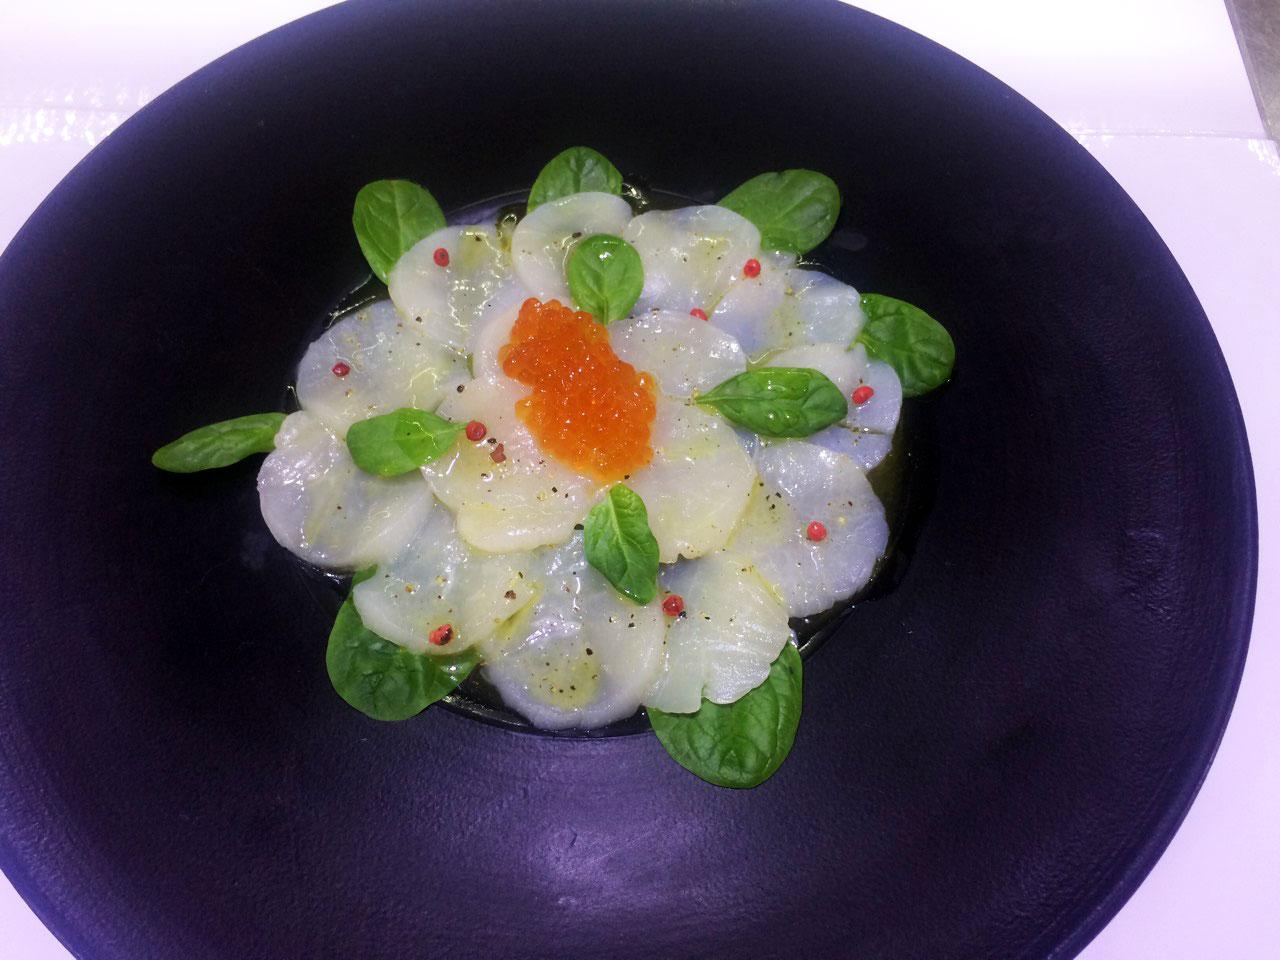 Карпаччо из гребешка с красной икрой - в ресторане Аннам Брахма в Оренбурге